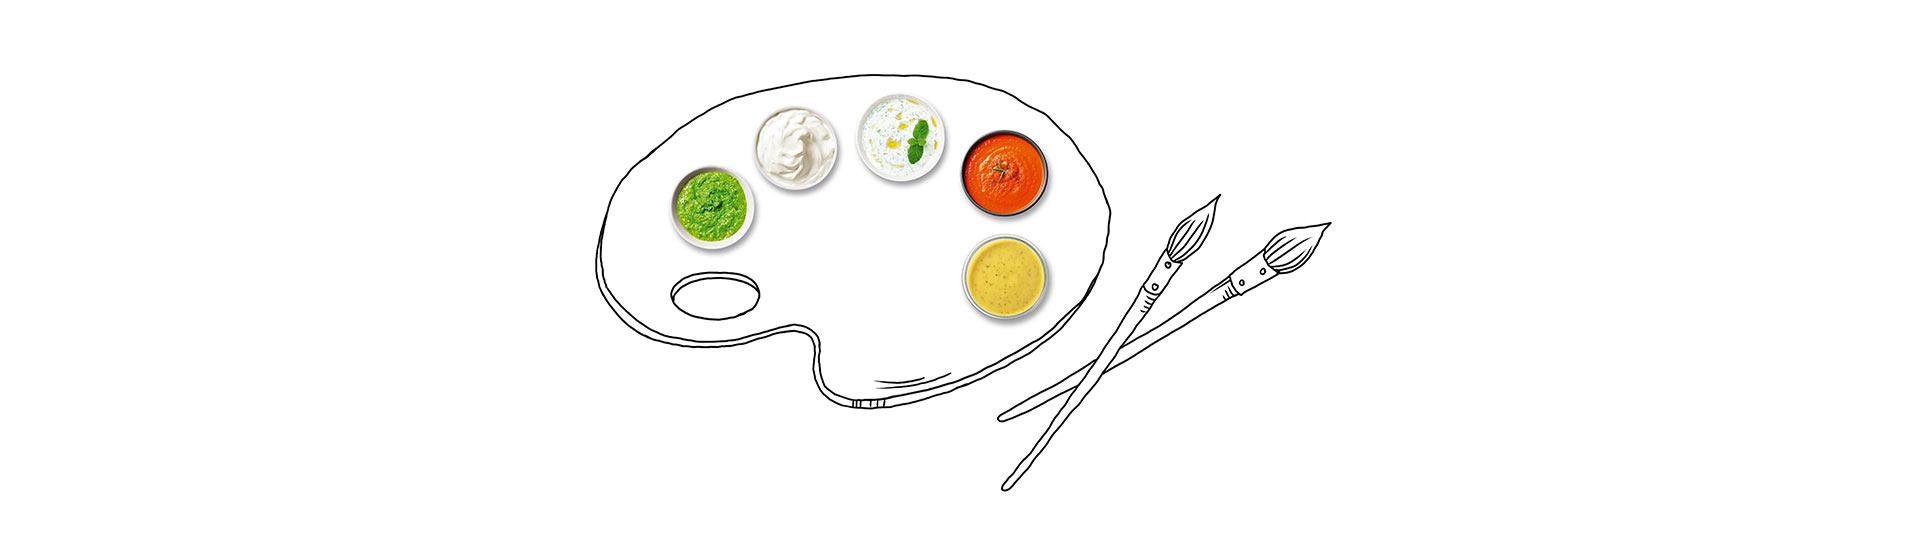 Farbpalette mit Farben aus Saucen